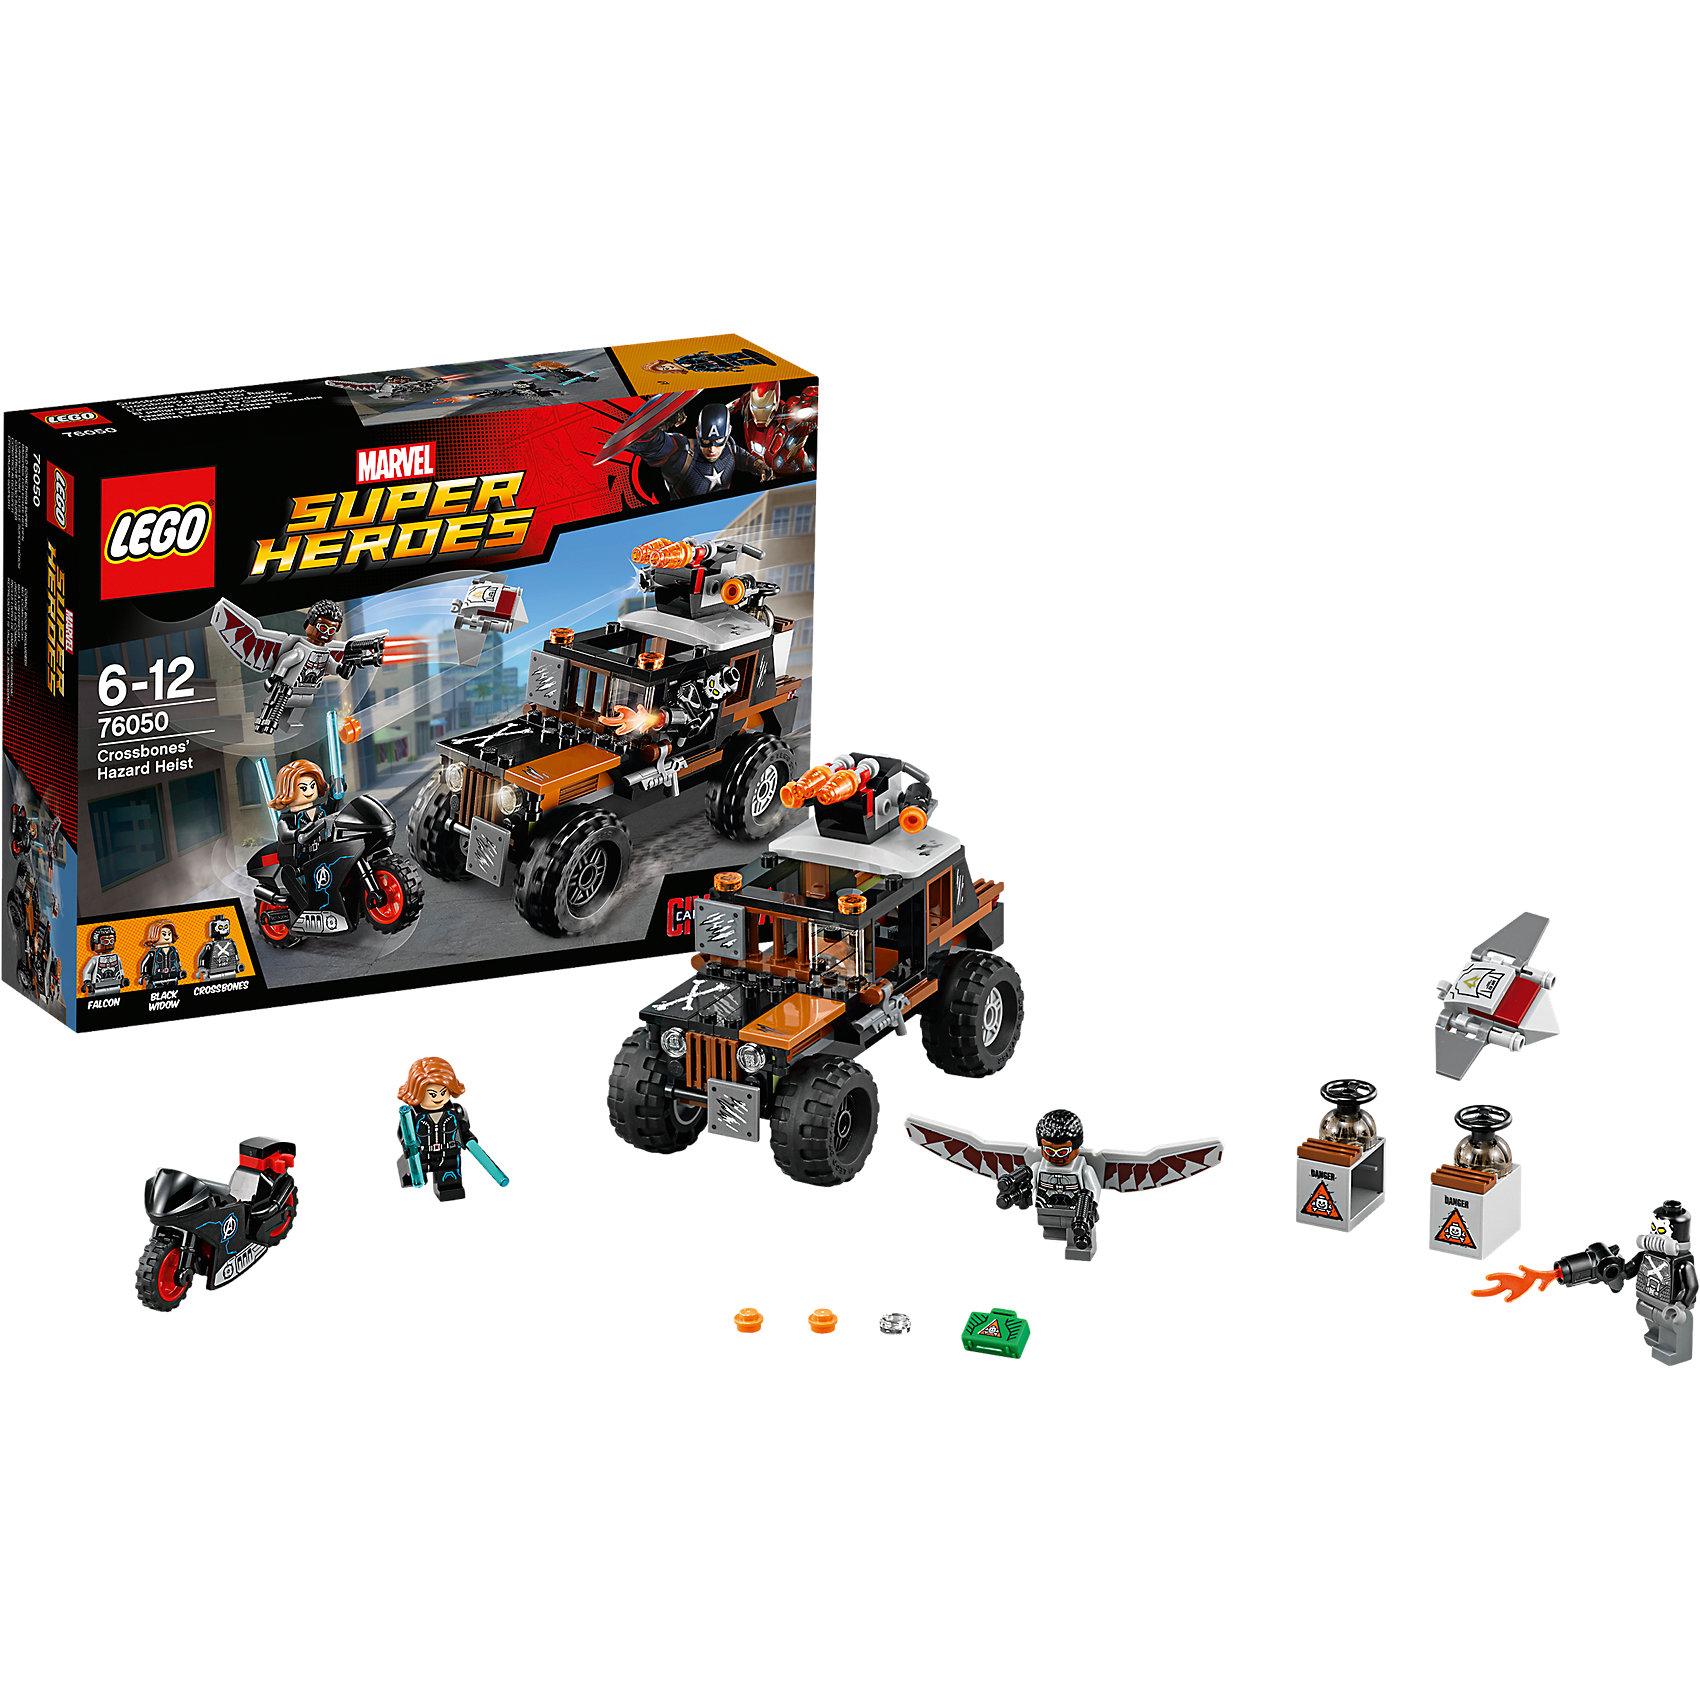 LEGO Super Heroes 76050: Опасное ограблениеЗлодей Кроссбоунс украл опасное ядовитое вещество и спрятал его в контейнере грузовика. Объединись с Чёрной Вдовой и Фальконом, чтобы остановить его. Устрой погоню на байке Чёрной Вдовы, с помощью её жезла ты сможешь отражать удары пушки, установленной на грузовике. Вступи в сражение с Фальконом и отсоедини дрона Редвинга. Взорви контейнер, прикрепи сумку к дрону и верни его обратно в целости и сохранности!<br><br>LEGO Super Heroes (ЛЕГО Супер Герои) - серия конструкторов созданная специально по мотивам всеми известных комиксов. Спасай мир и борись со злом вместе с любимыми супергероями! Наборы серии можно комбинировать между собой, давая безграничные просторы для фантазии и придумывая свои новые истории. <br><br>Дополнительная информация:<br><br>- Конструкторы ЛЕГО развивают усидчивость, внимание, фантазию и мелкую моторику. <br>- 3 минифигурки в комплекте: Черная Вдова, Фалькон, Кроссбоунс.<br>- В комплекте 3 минифигурки, аксессуары, байк, грузовик, пушка, контейнер, сумка.<br>- Колеса машины вращаются.<br>- Количество деталей: 179.<br>- Серия ЛЕГО Супер Герои (LEGO Super Heroes).<br>- Материал: пластик.<br>- Размер упаковки: 26х6х19 см.<br>- Вес: 0.345 кг.<br><br>Конструктор LEGO Super Heroes 76050: Опасное ограбление можно купить в нашем магазине.<br><br>Ширина мм: 265<br>Глубина мм: 192<br>Высота мм: 66<br>Вес г: 326<br>Возраст от месяцев: 72<br>Возраст до месяцев: 144<br>Пол: Мужской<br>Возраст: Детский<br>SKU: 4259160